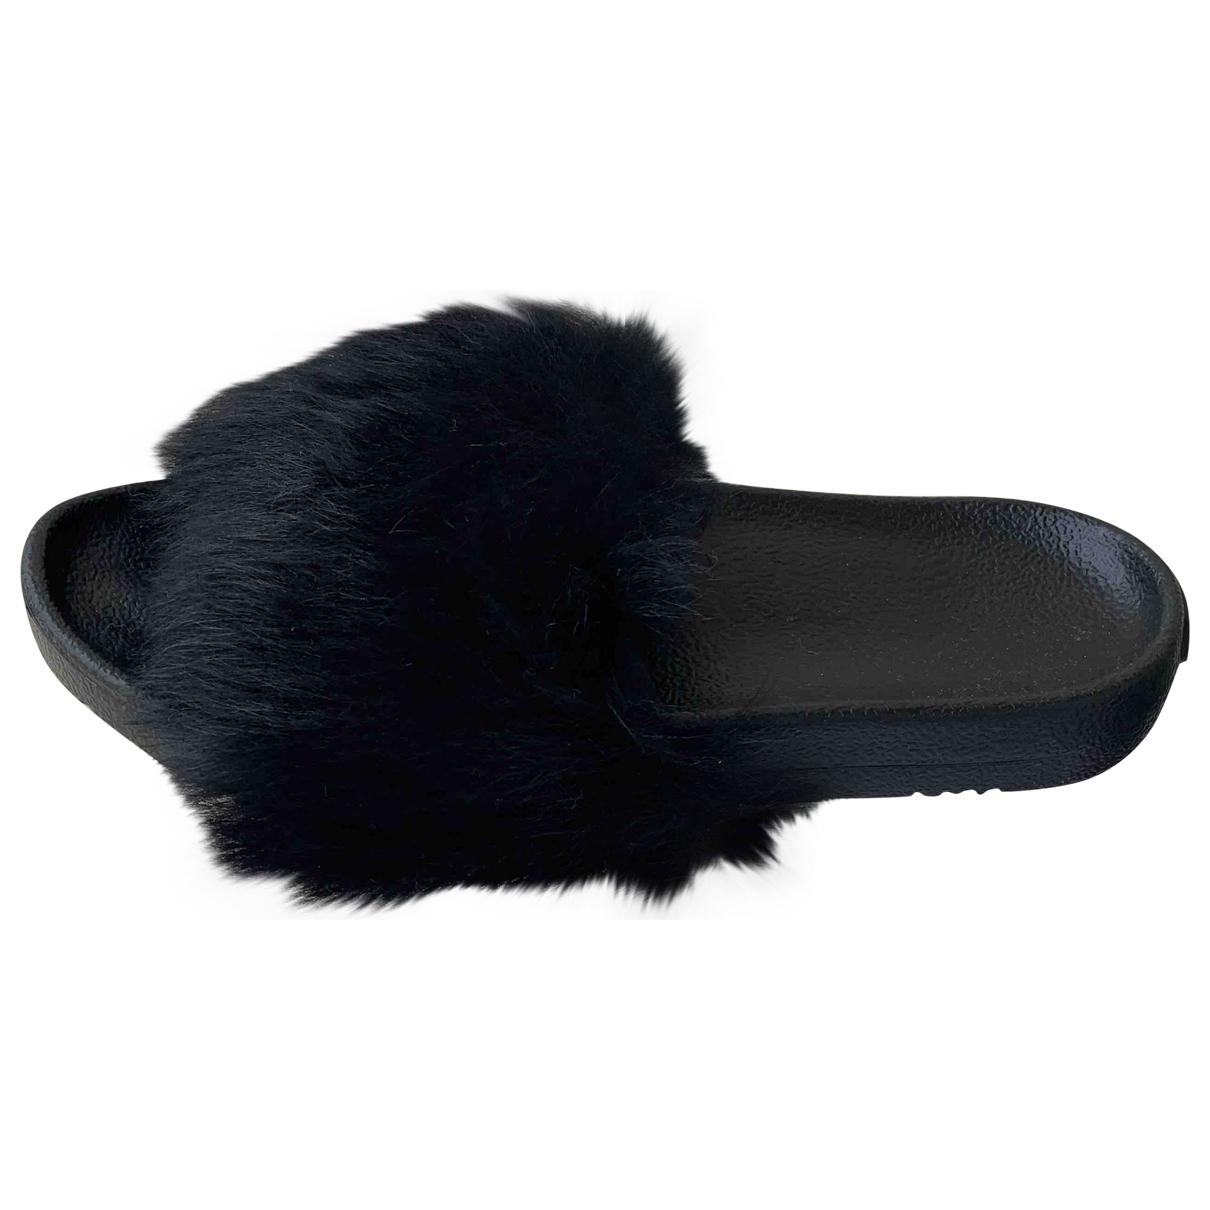 Ugg - Sandales   pour femme en fourrure - noir